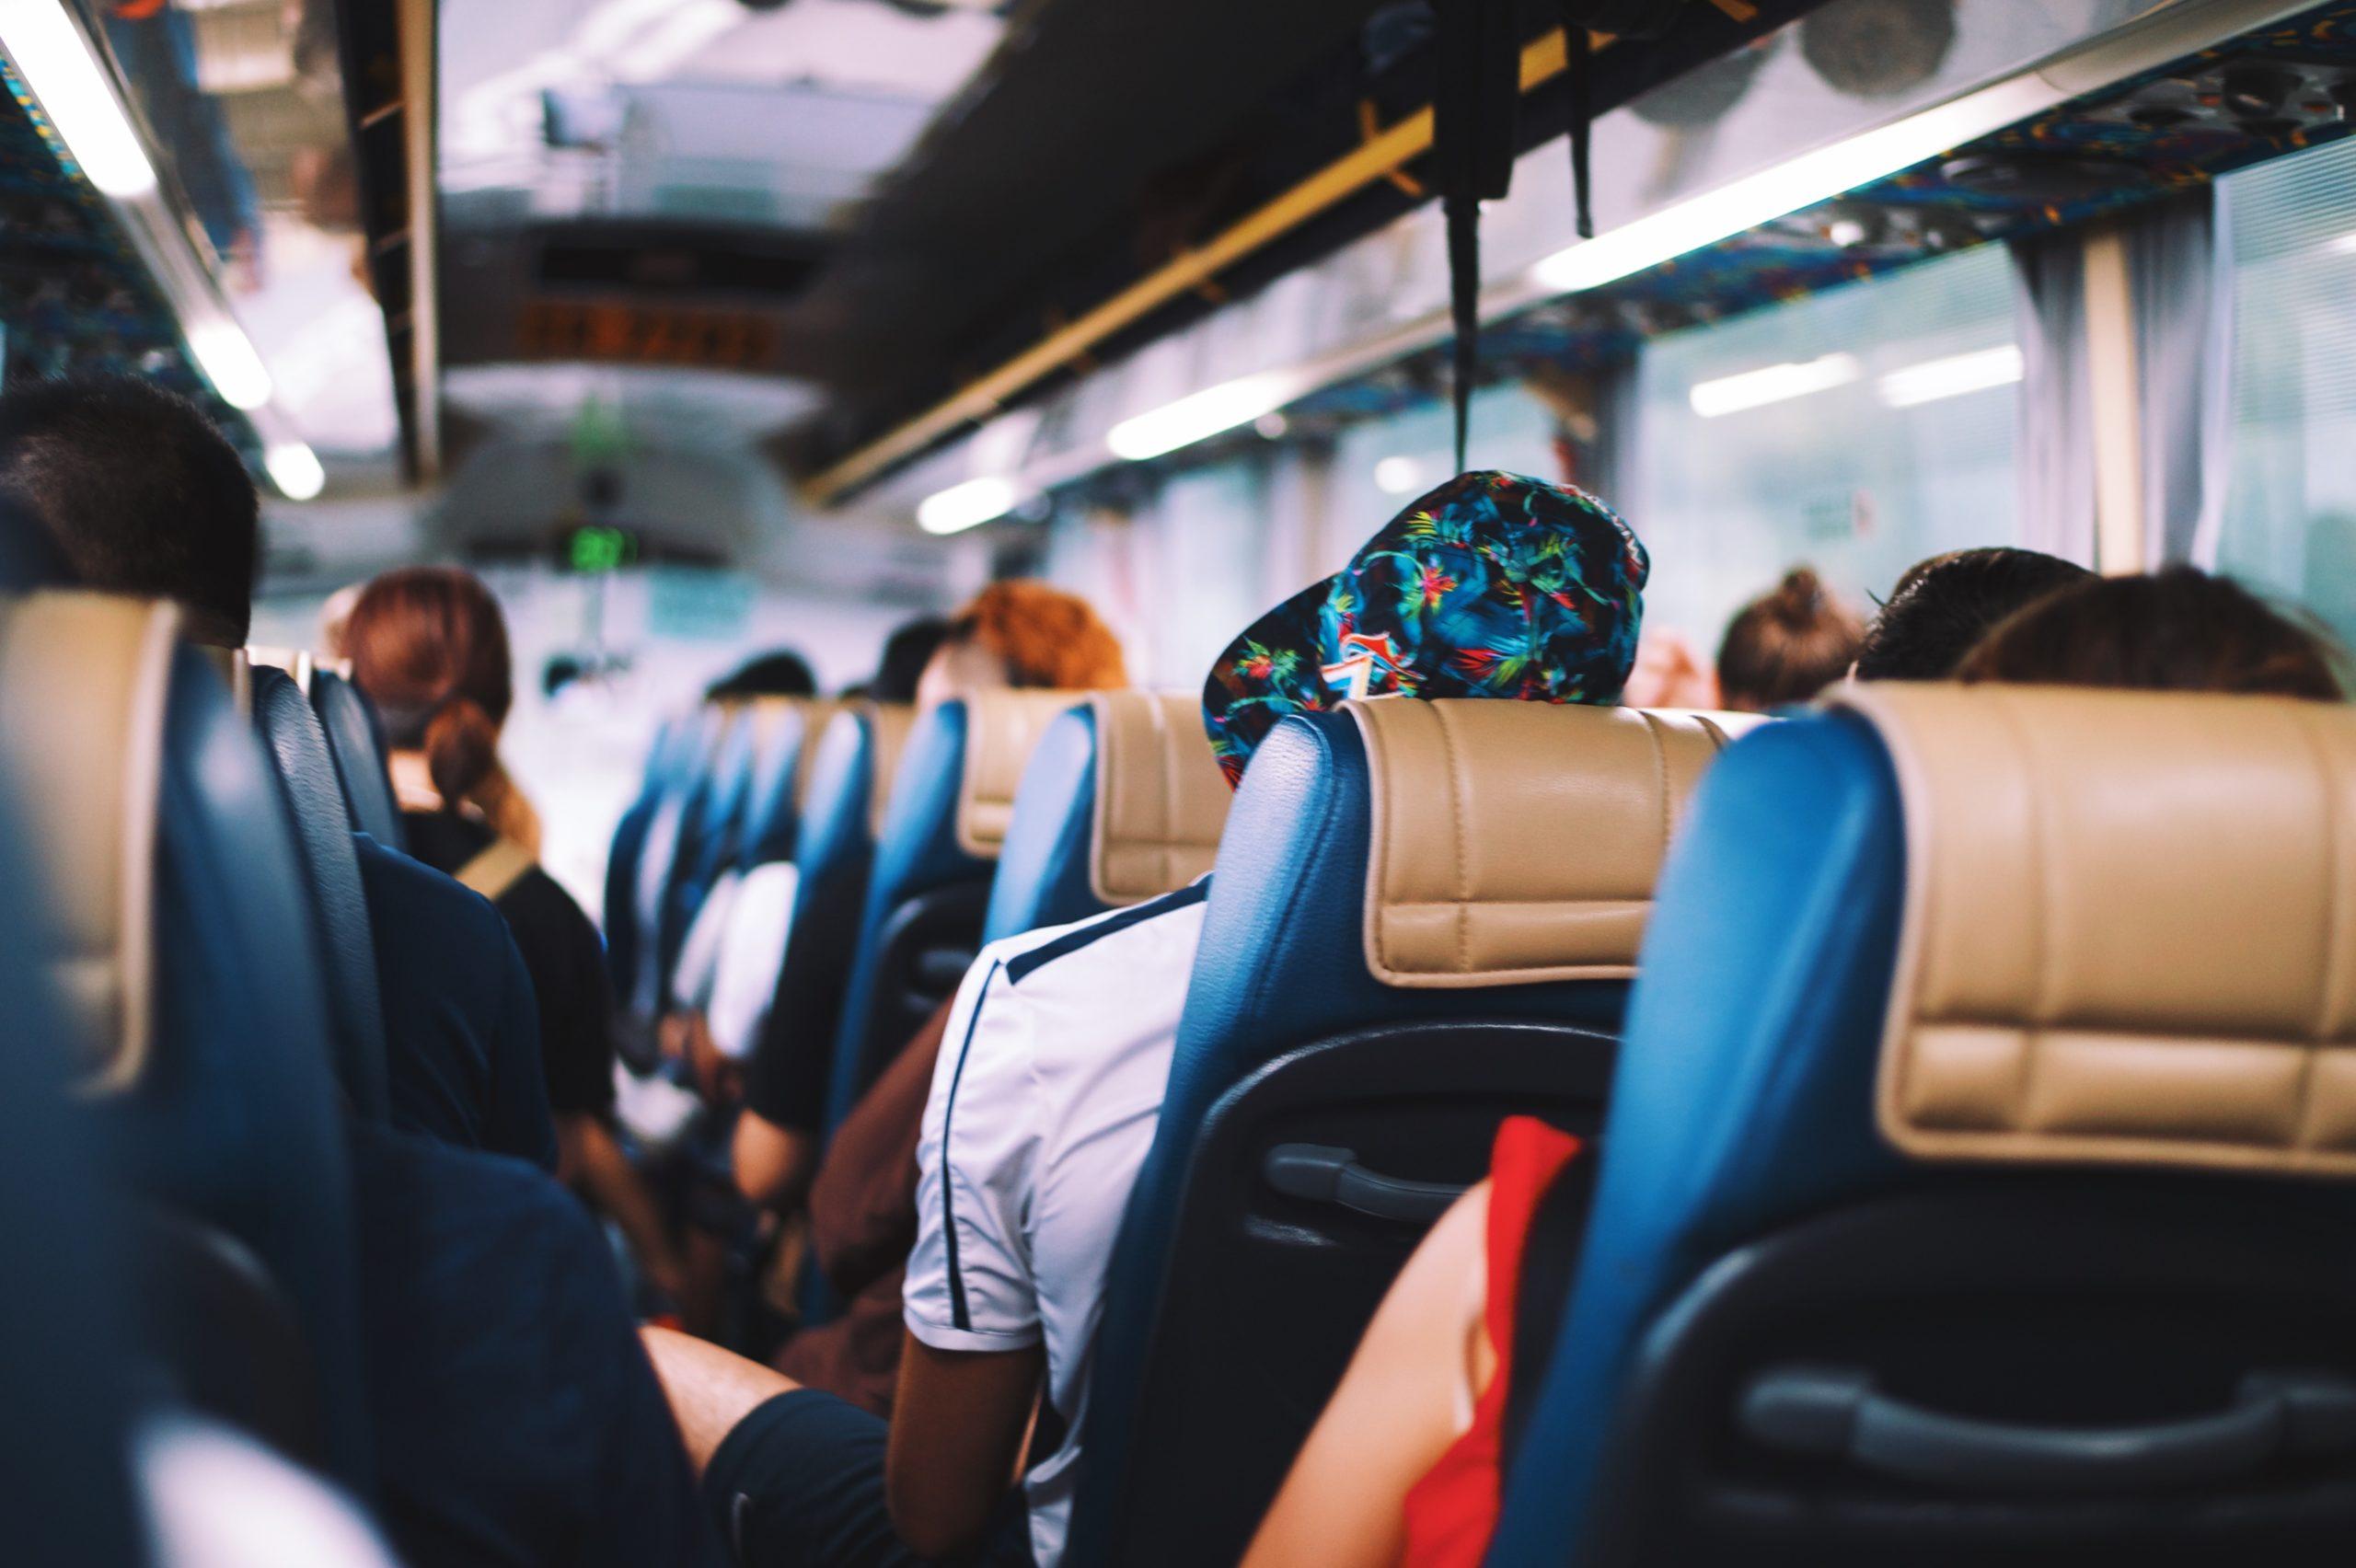 Fahrgastrechte bei Verspätungen im Rahmen von Fernbusreisen mit FlixBus, Postbus & Co